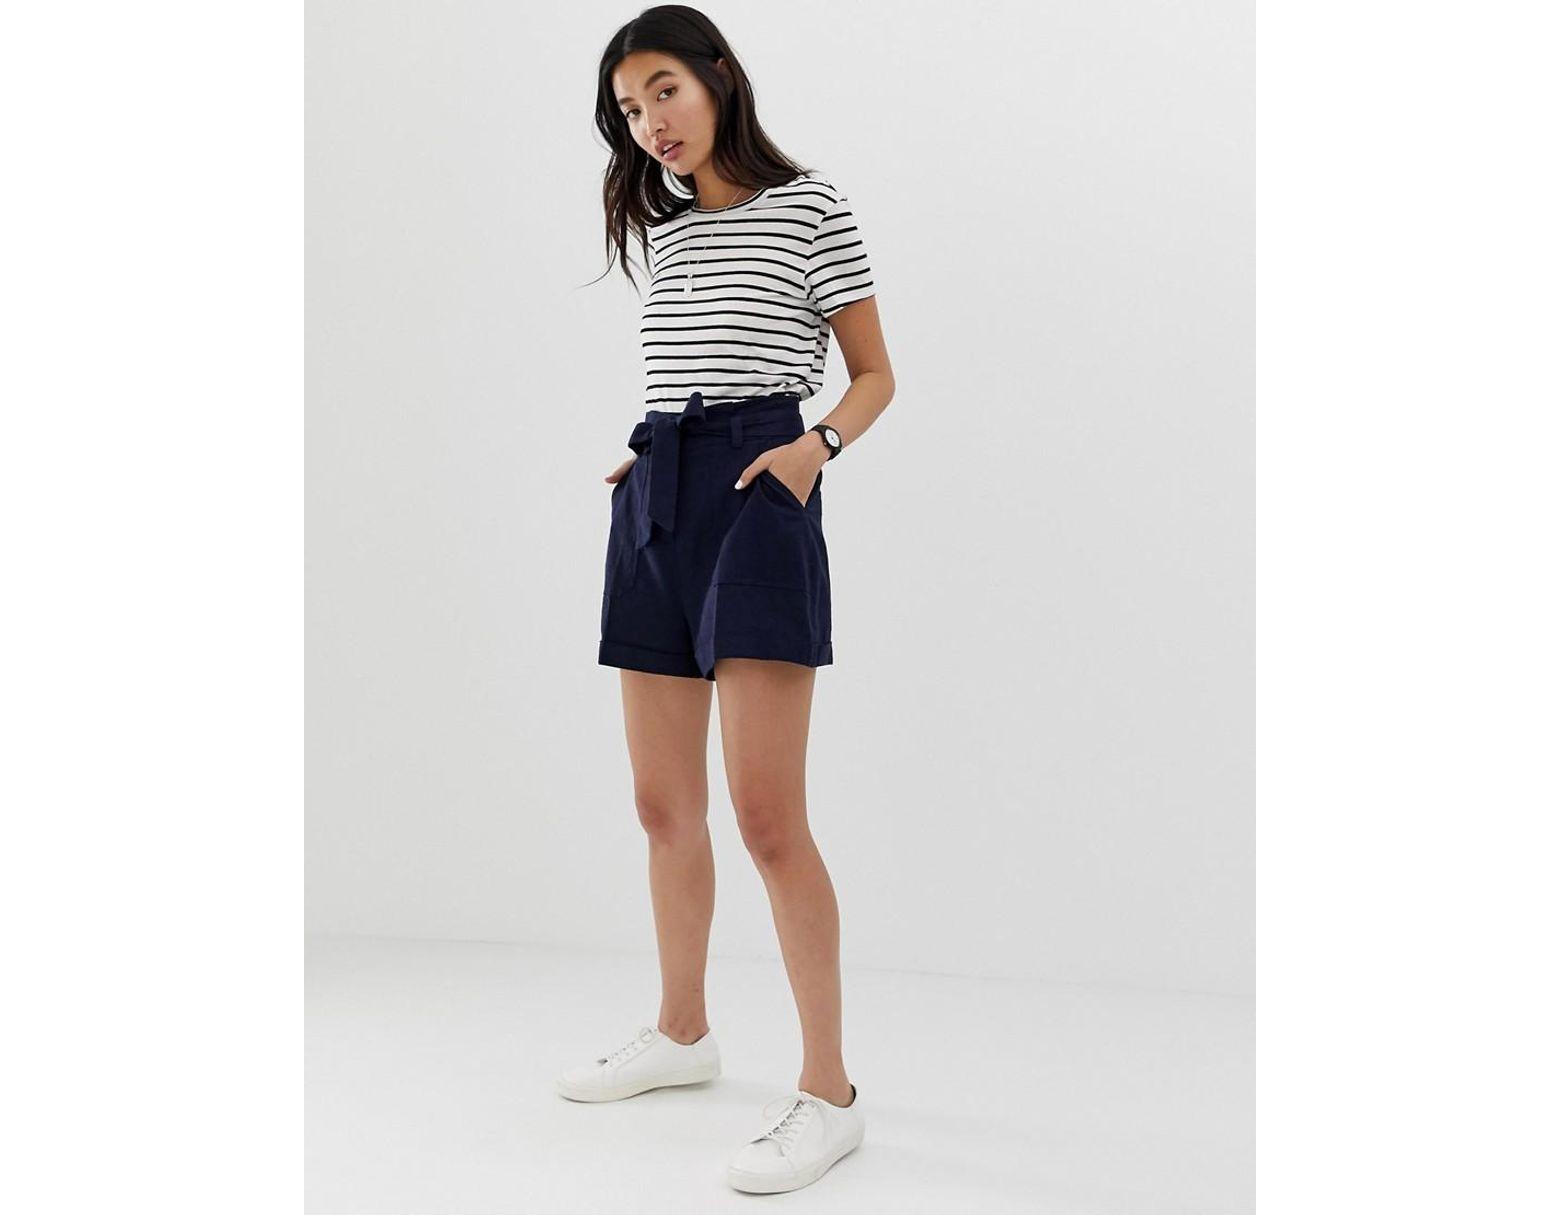 d347c08939e7 Pantalones cortos de lino con lazada en la cintura de mujer de color azul